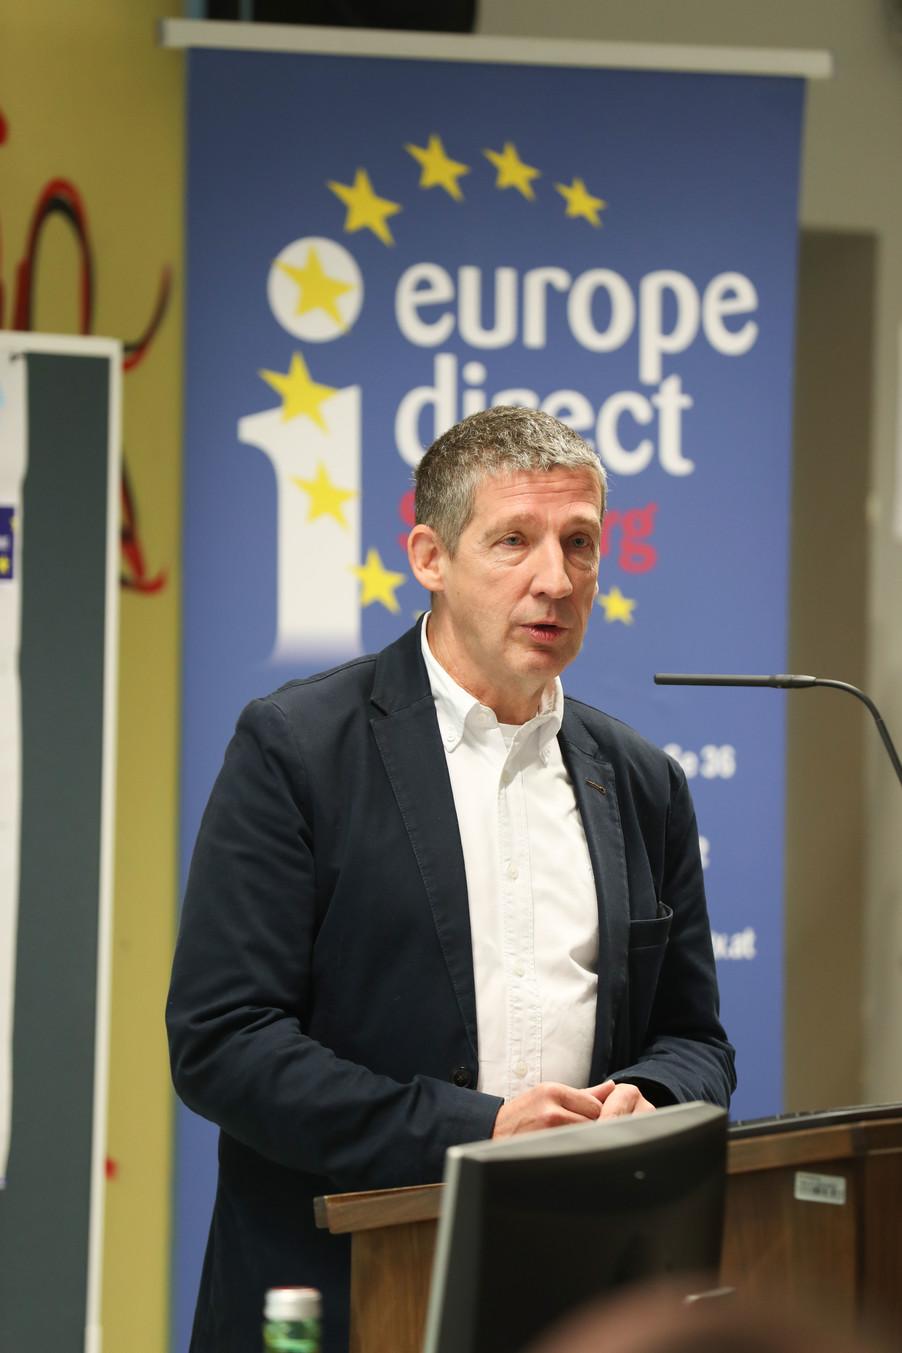 Bild 40 | SALZBURG - 2019-11-25: Die EU und die Medien Europapolitische Bildungsarbeit im ...